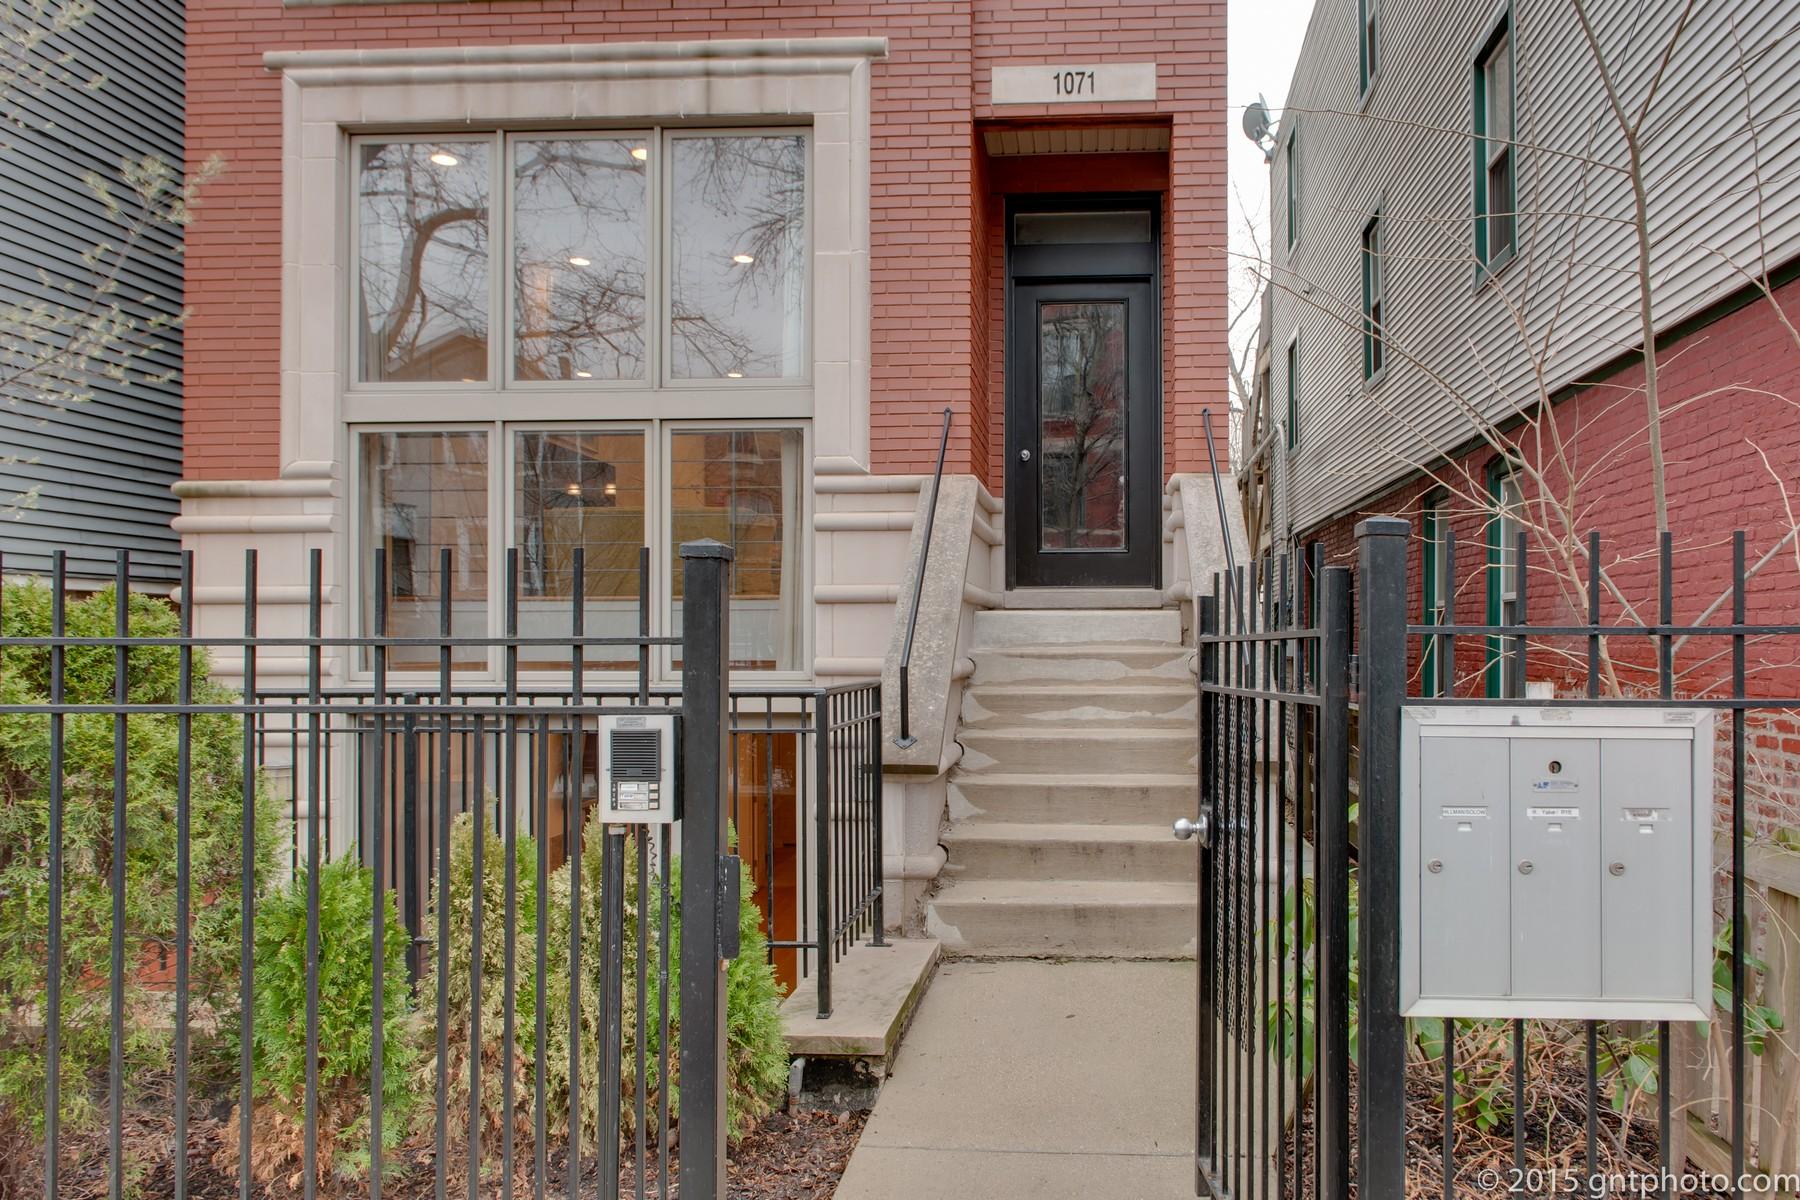 콘도미니엄 용 매매 에 Stunning East Village Duplex! 1071 N Hermitage Avenue Unit 1 West Town, Chicago, 일리노이즈, 60622 미국